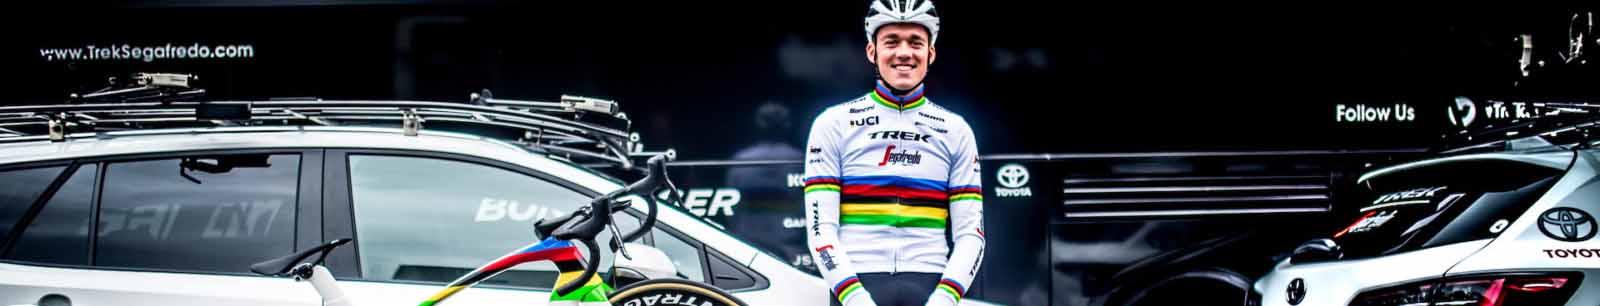 Santini UCI Kit